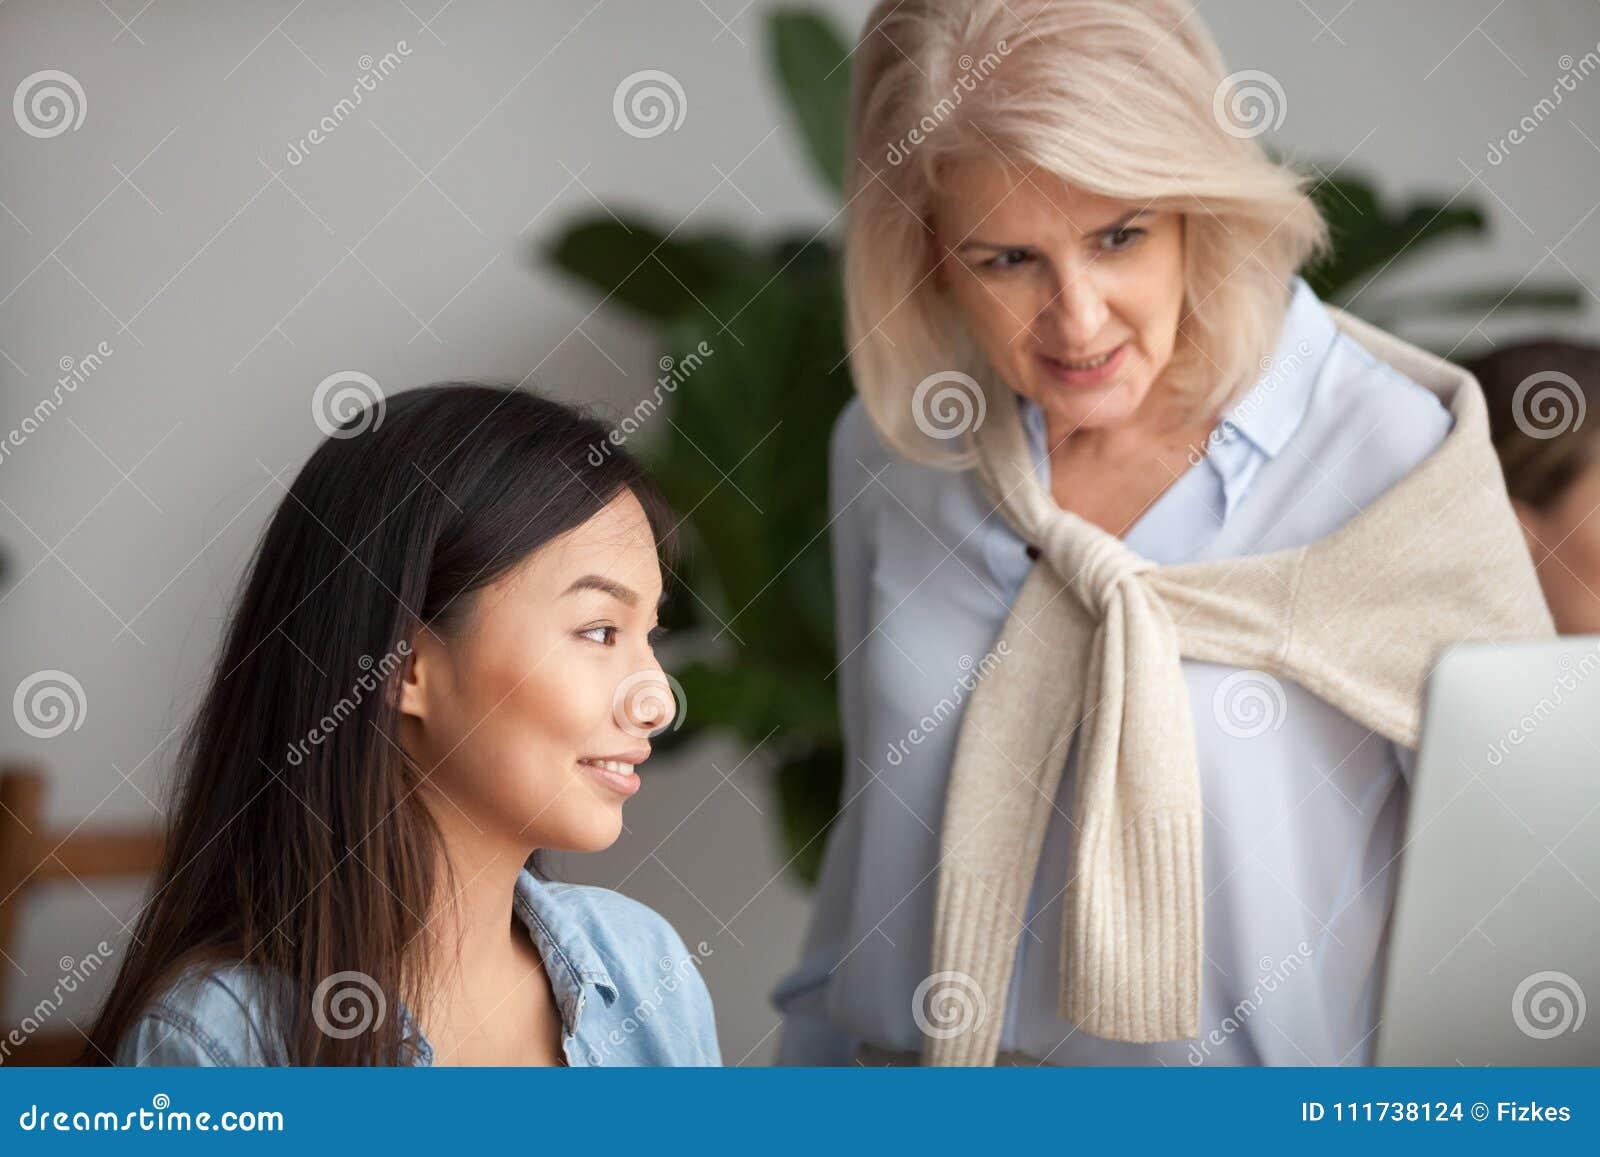 El líder envejecido sonriente que comprueba el trabajo o que enseña al asiático joven emplea